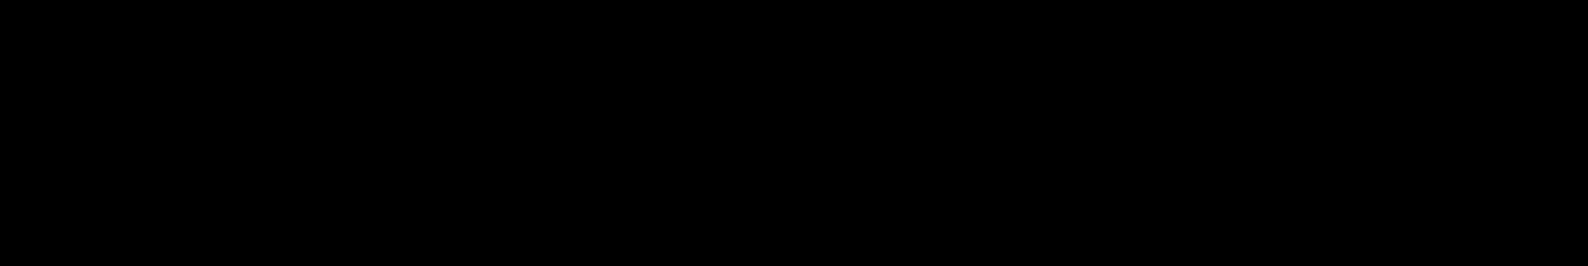 maddthing-logo.png